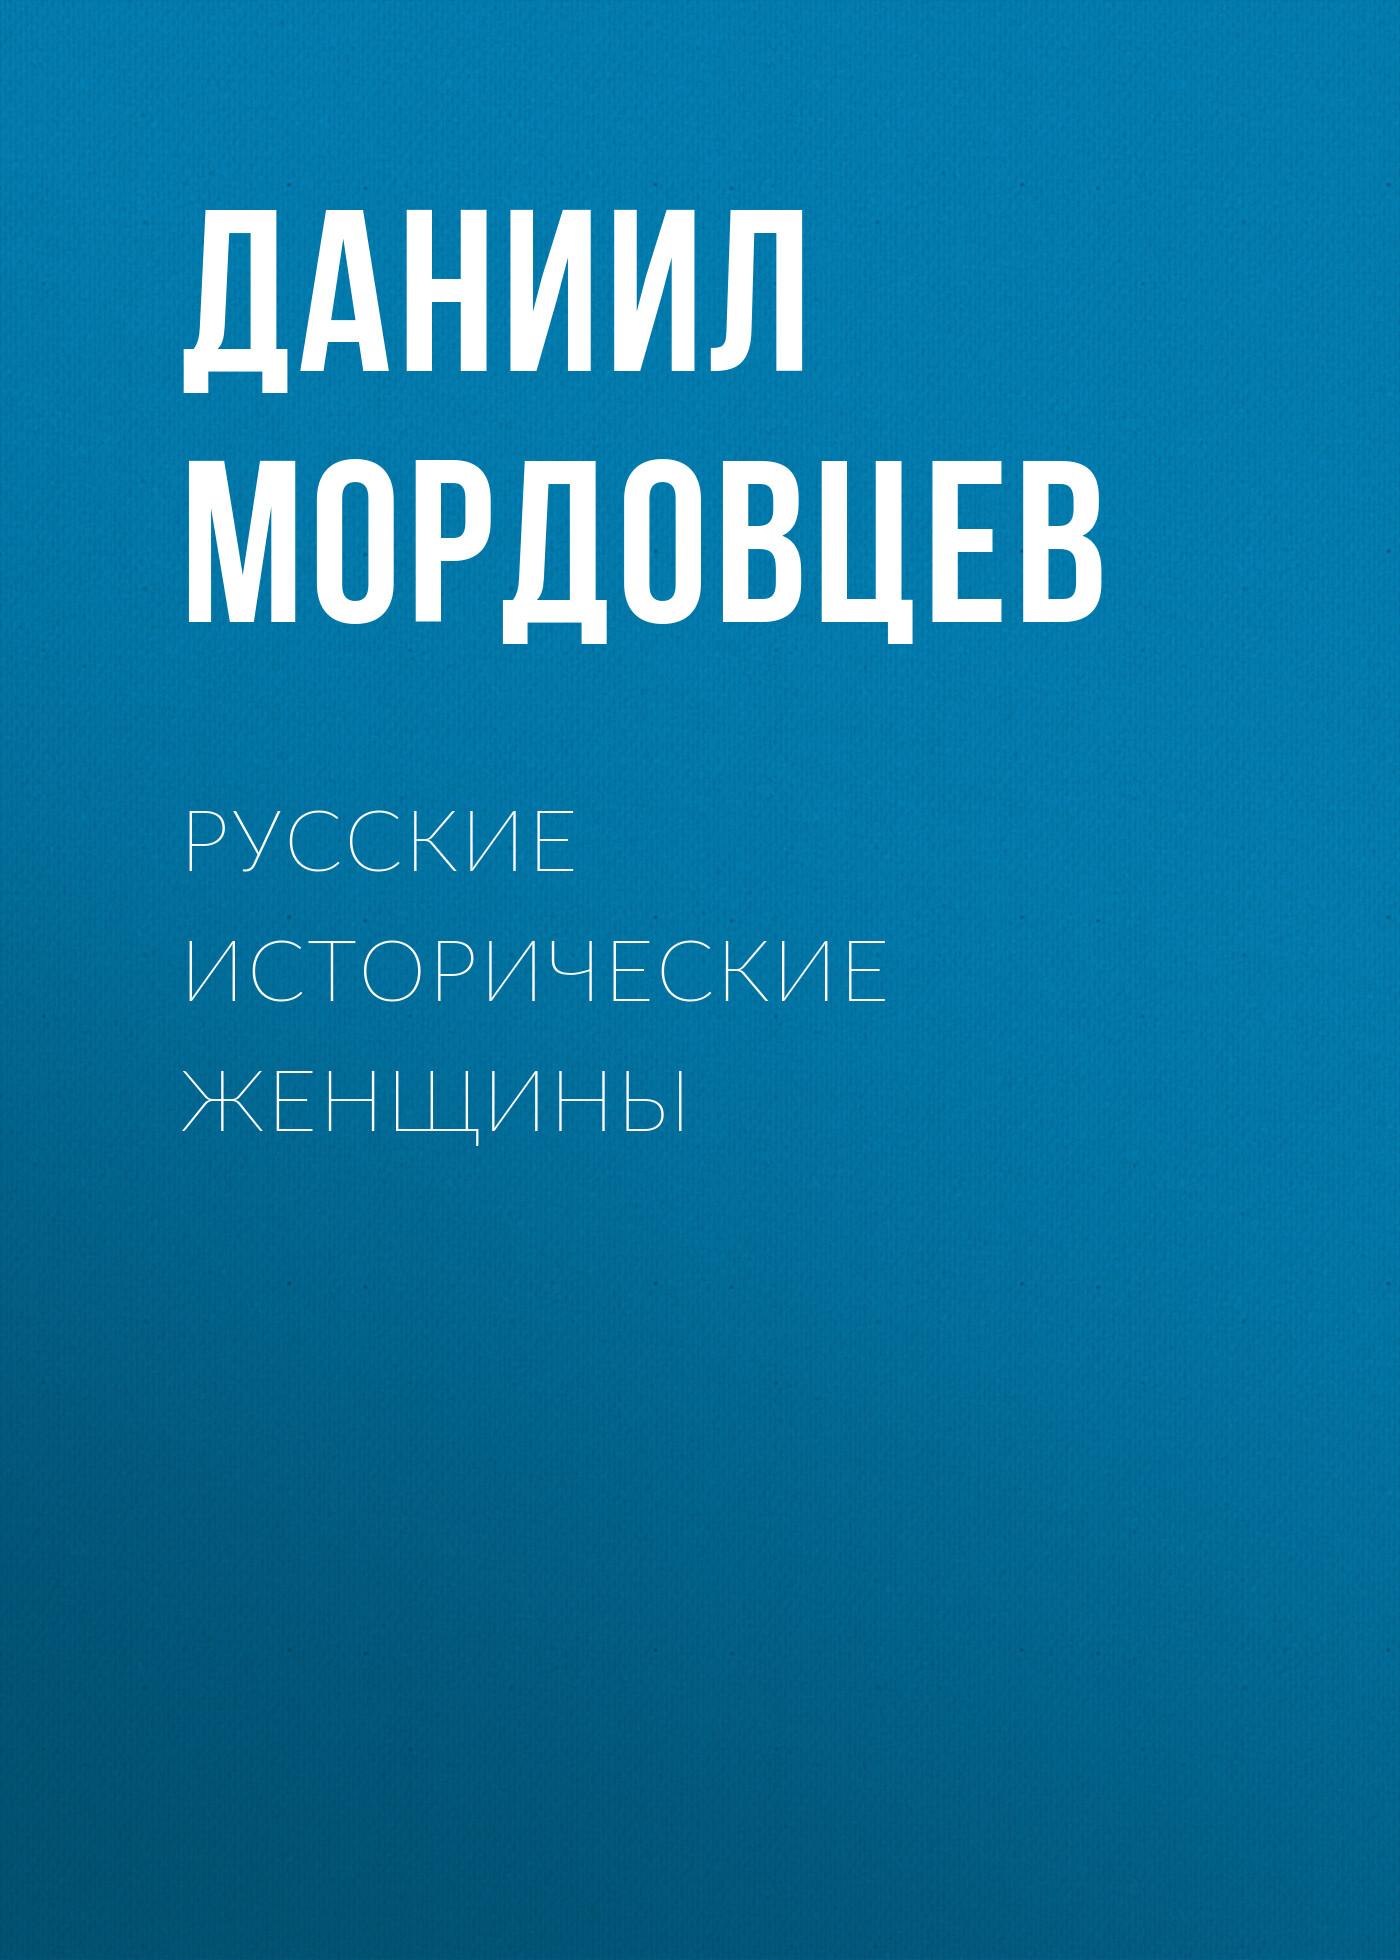 russkie istoricheskie zhenshchiny